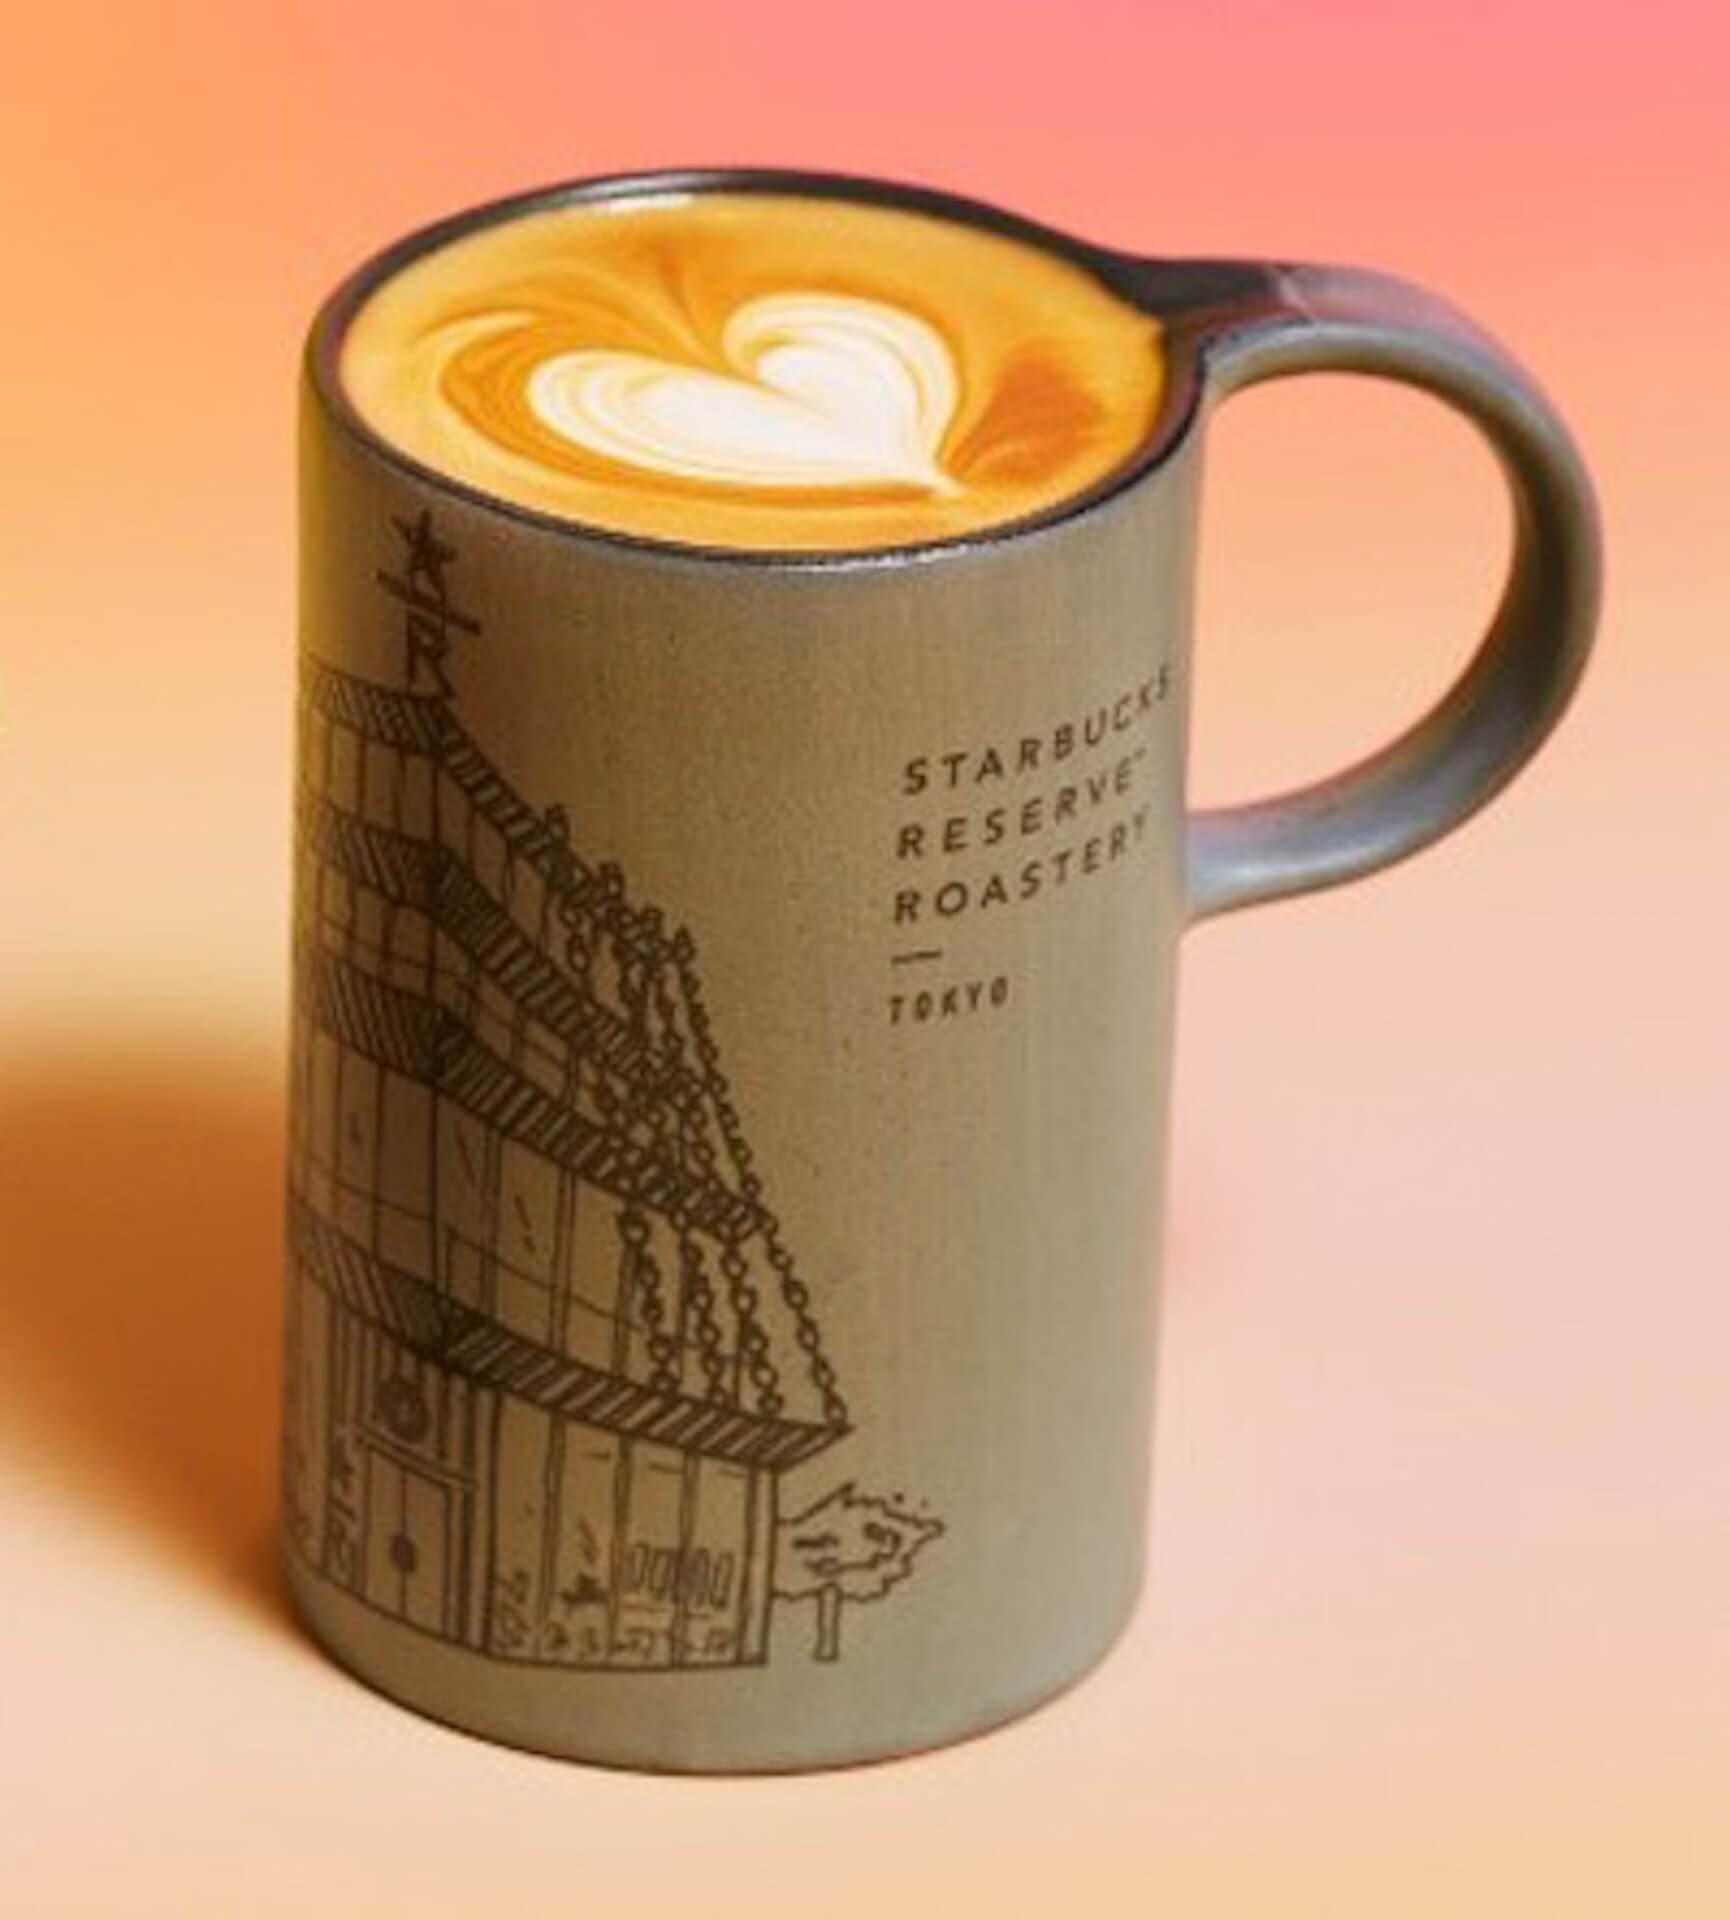 スターバックス コーヒーにアールグレイの新作フラペチーノが登場!「アール グレイ ハニー ホイップ フラペチーノ」ほか4商品が季節限定で発売 gourmet201218_starbucks_2